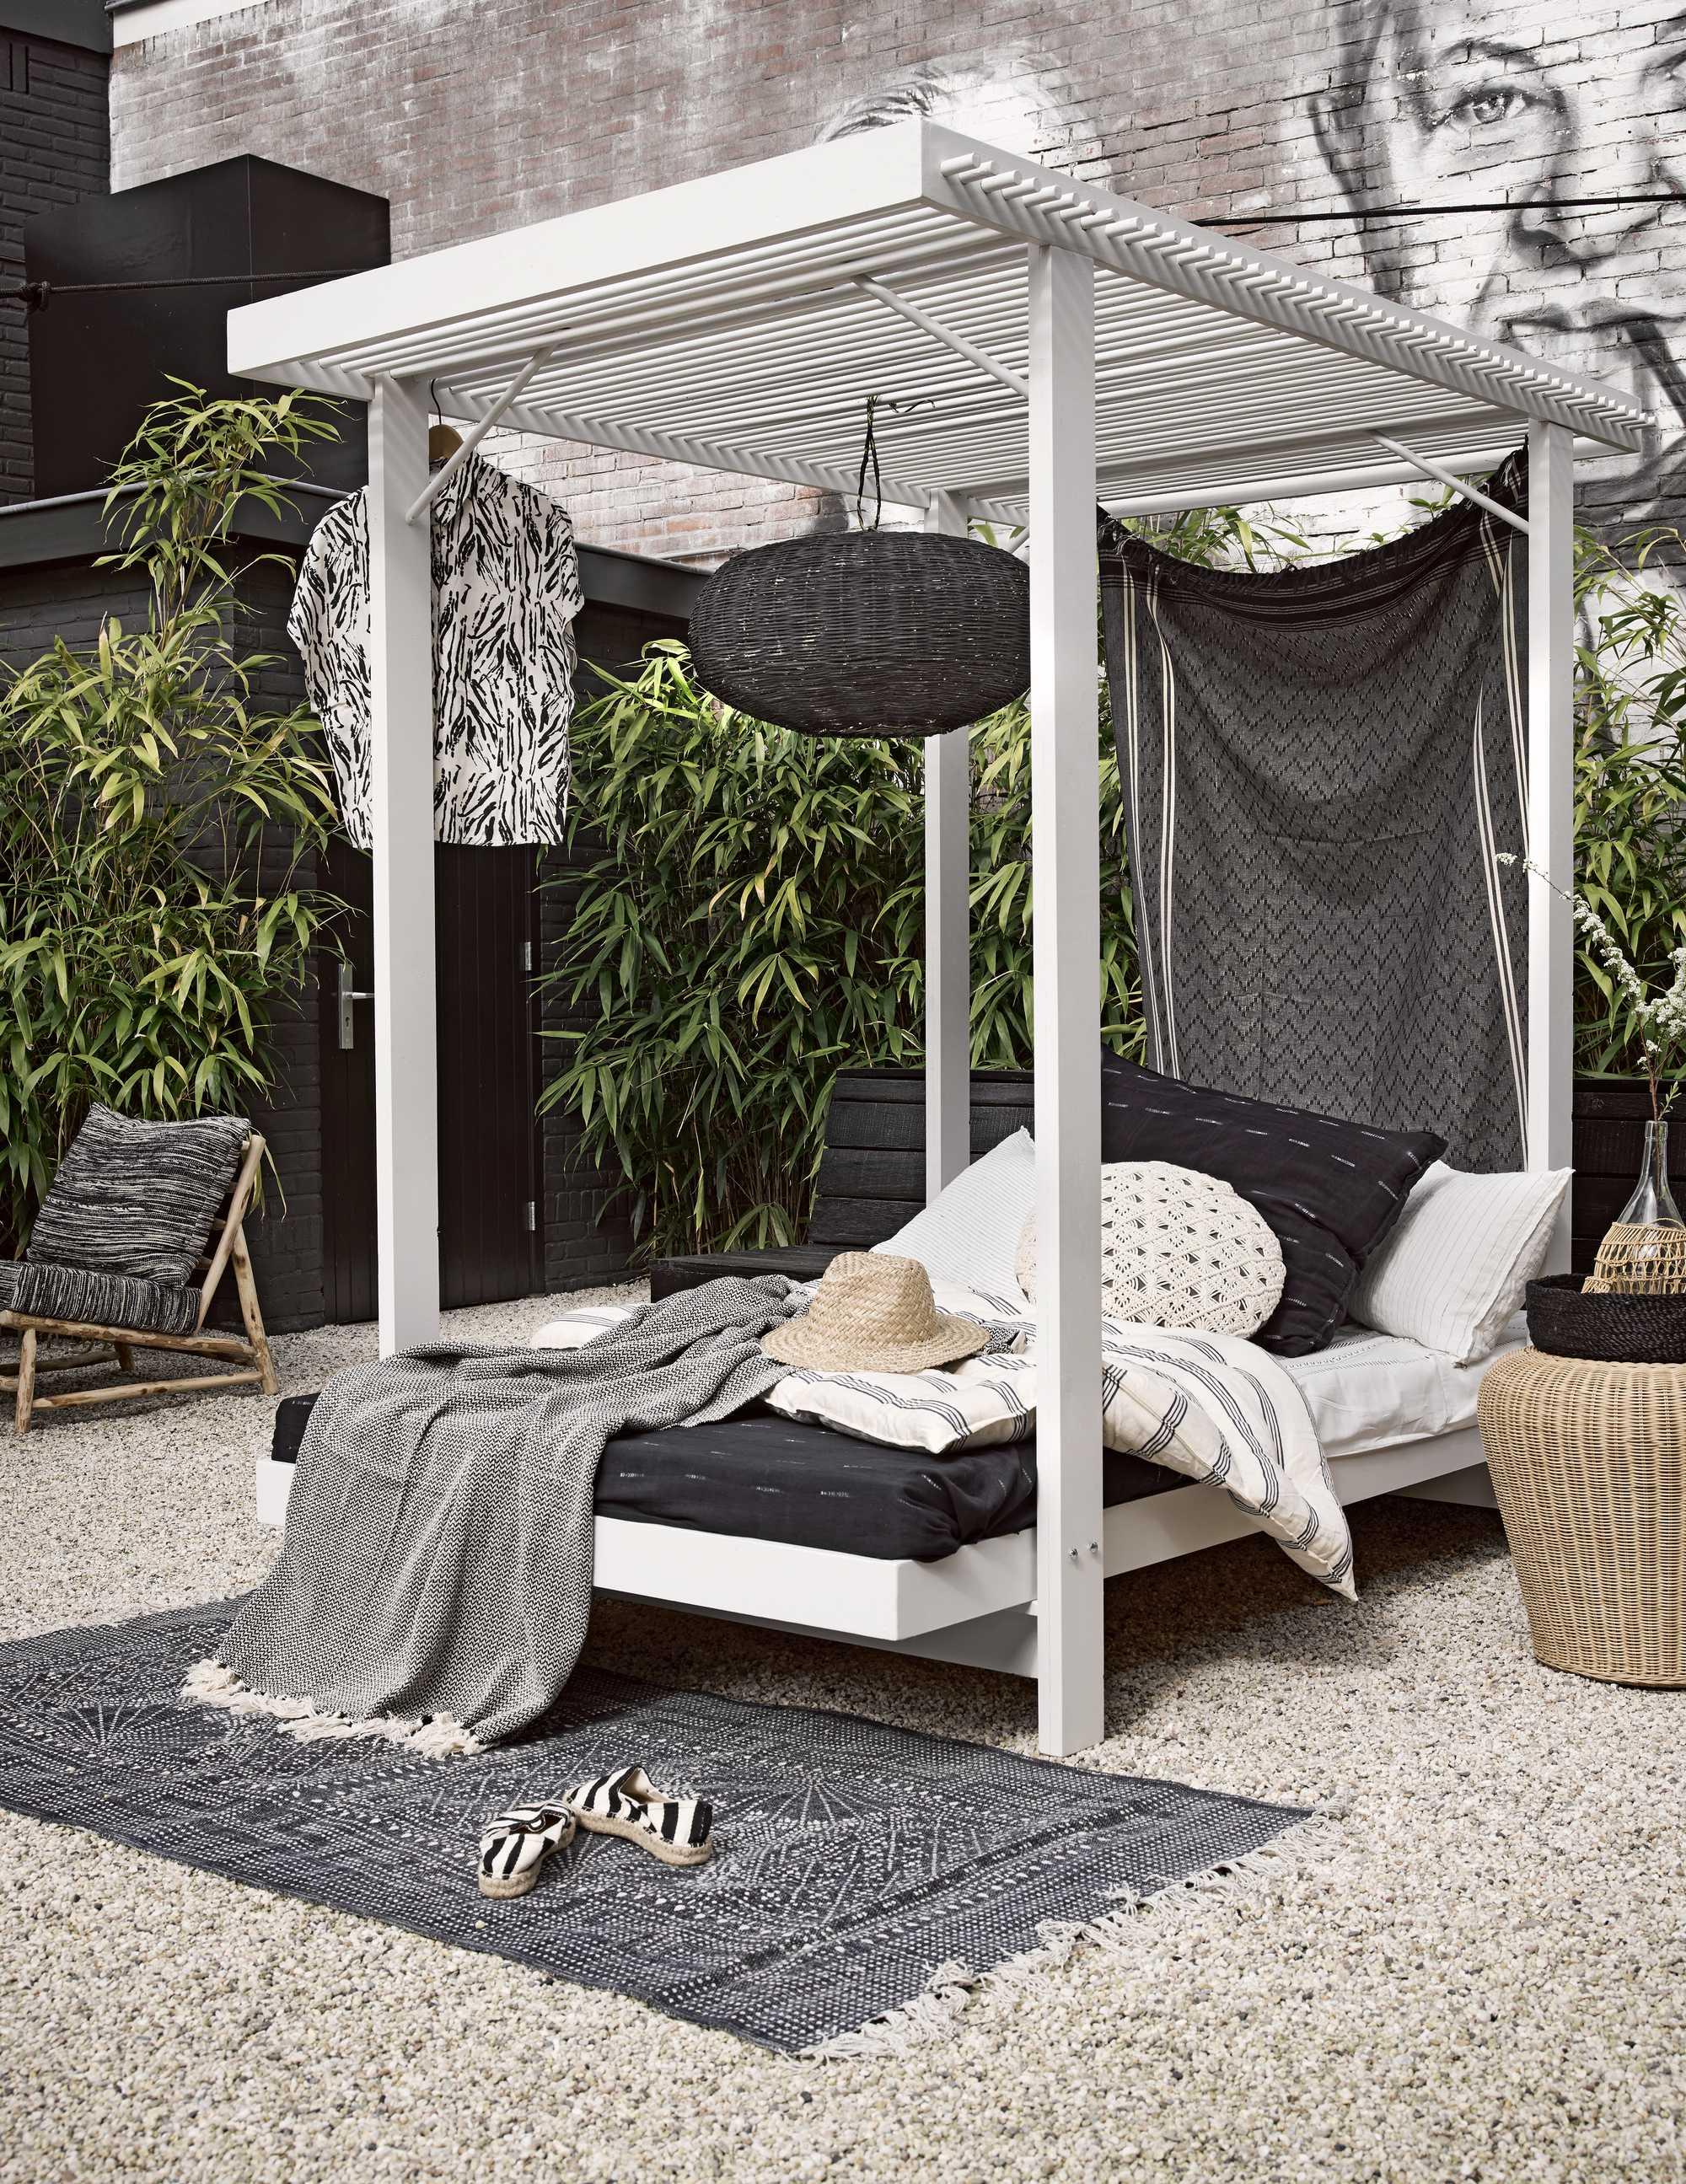 afrikaanse tuin bed